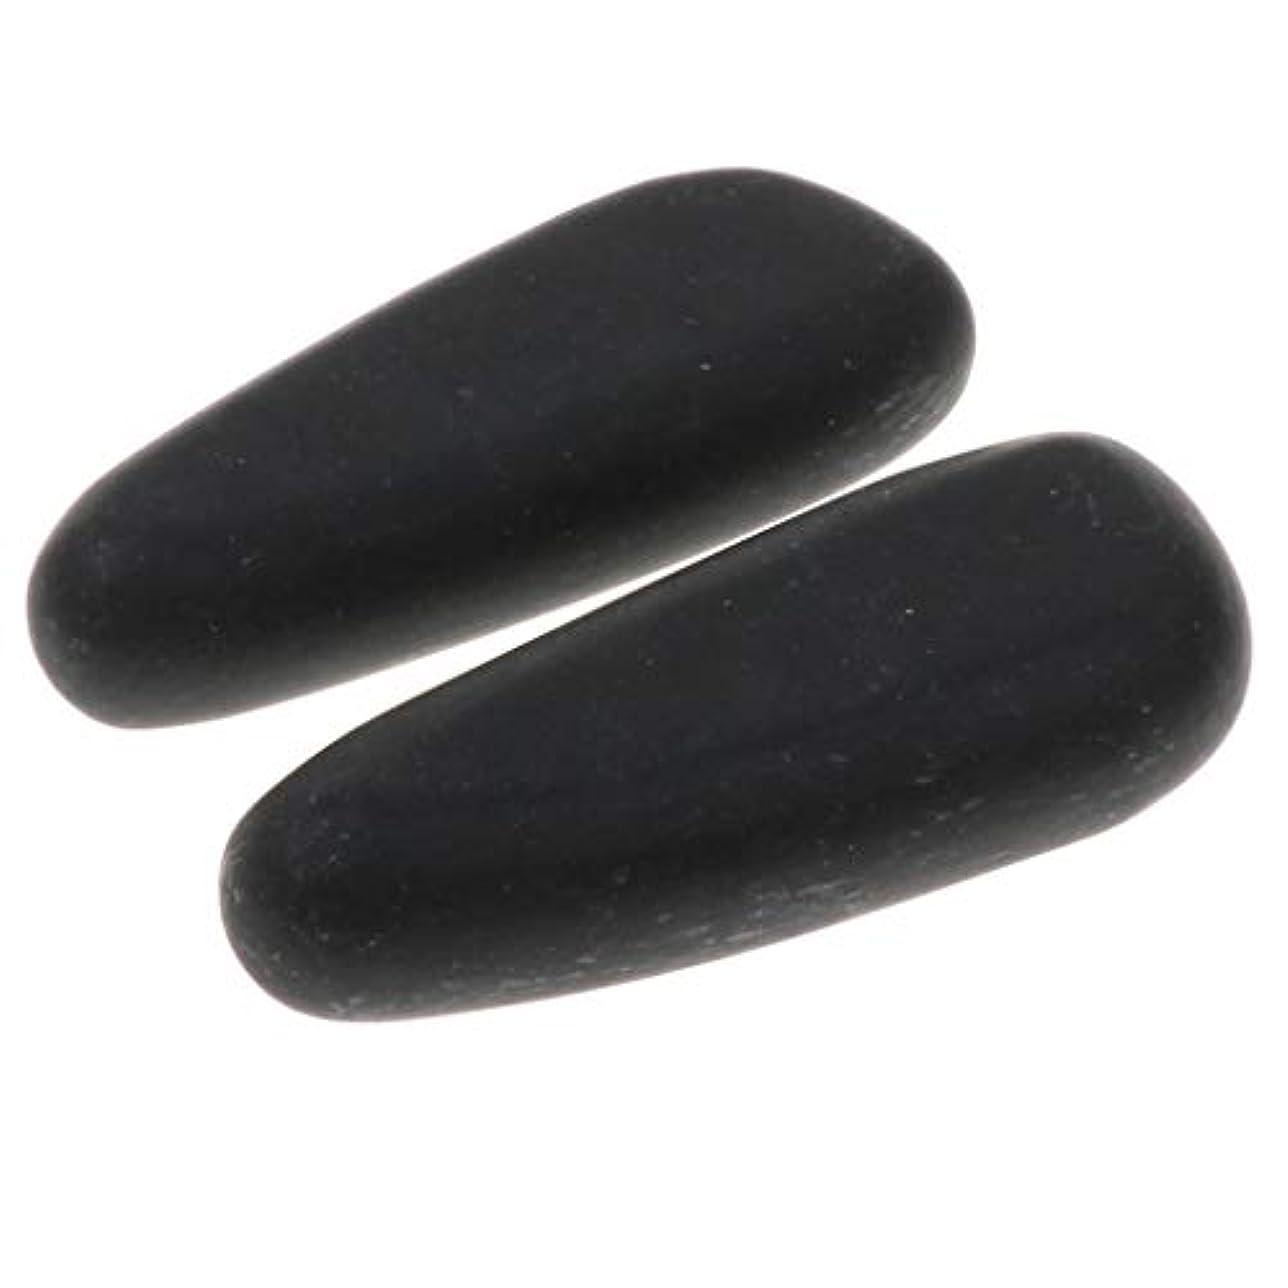 特権不明瞭ちょっと待ってgazechimp ホットストーン マッサージ石 マッサージストーン 玄武岩 ボディマッサージ 2個 全2サイズ - 8×3.2×2cm